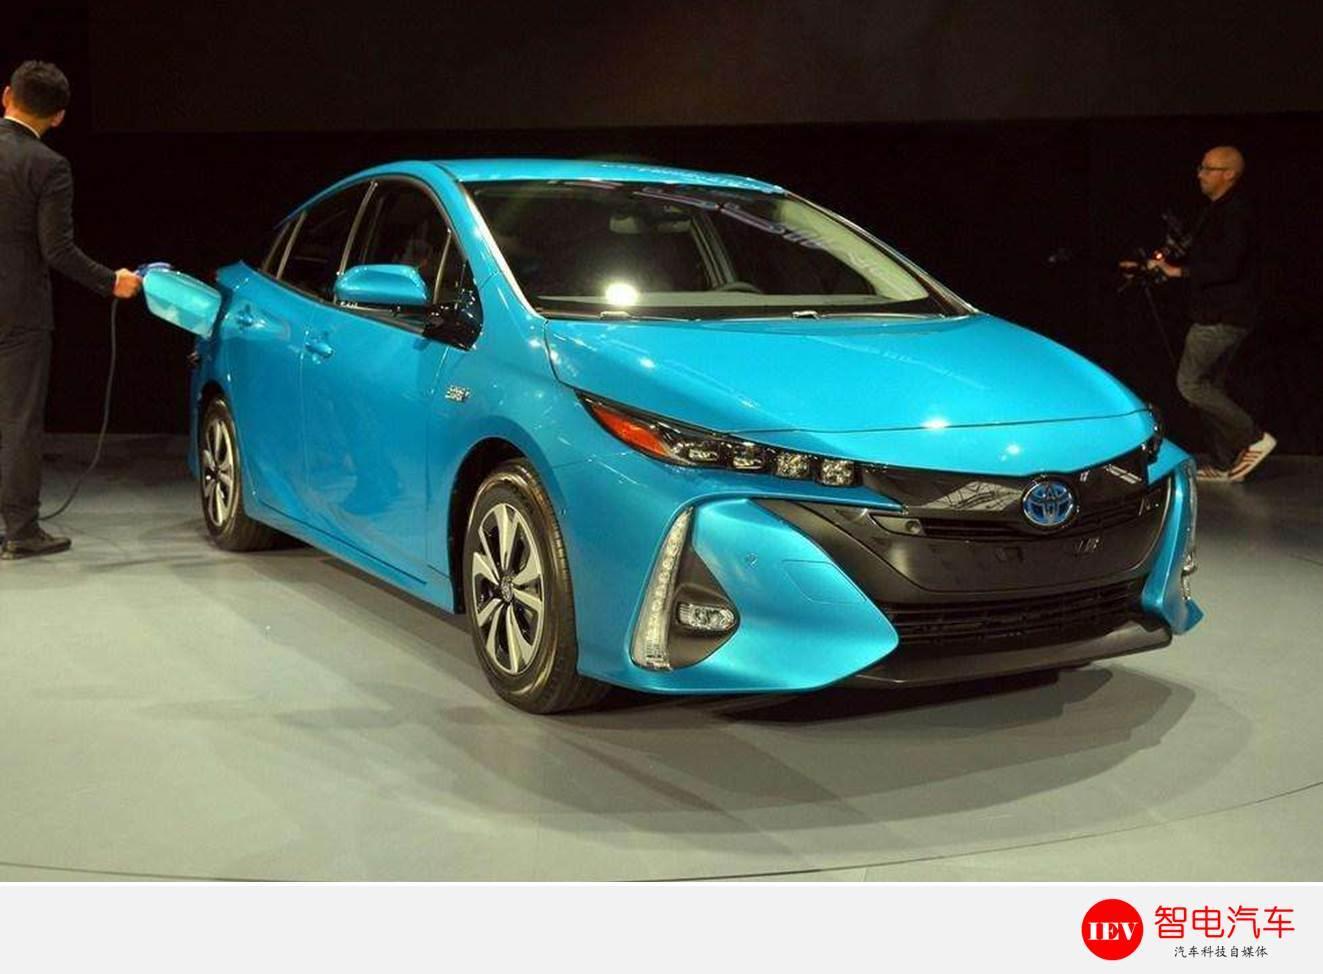 混动汽车或将崛起,中国新能源技术路径有被颠覆风险